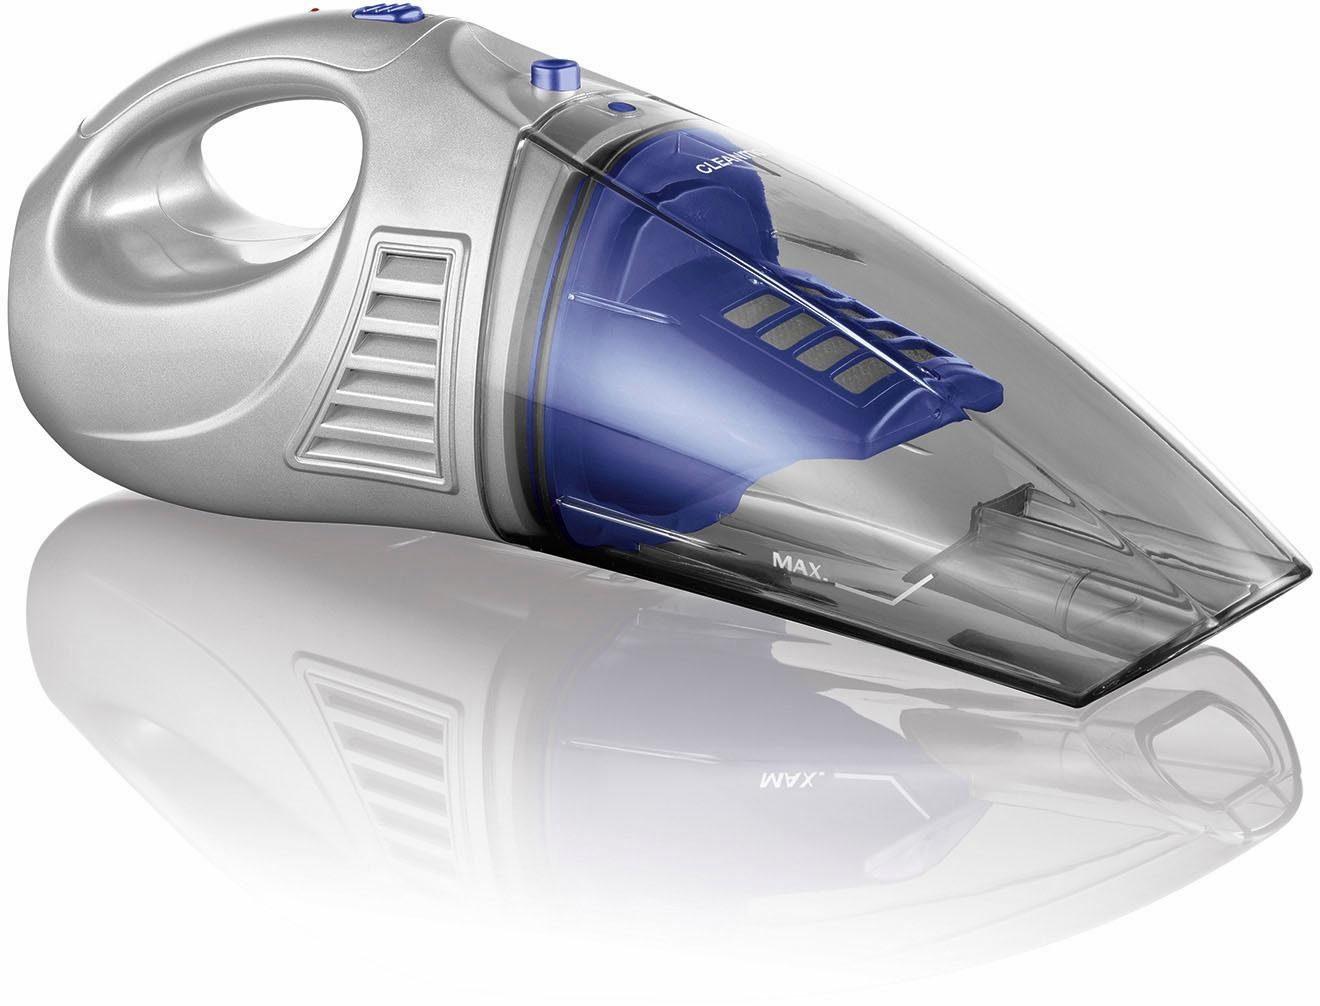 CLEANmaxx Akku-Handstaubsauger 2in1 4,8V blau/silber, 30 Watt, beutellos